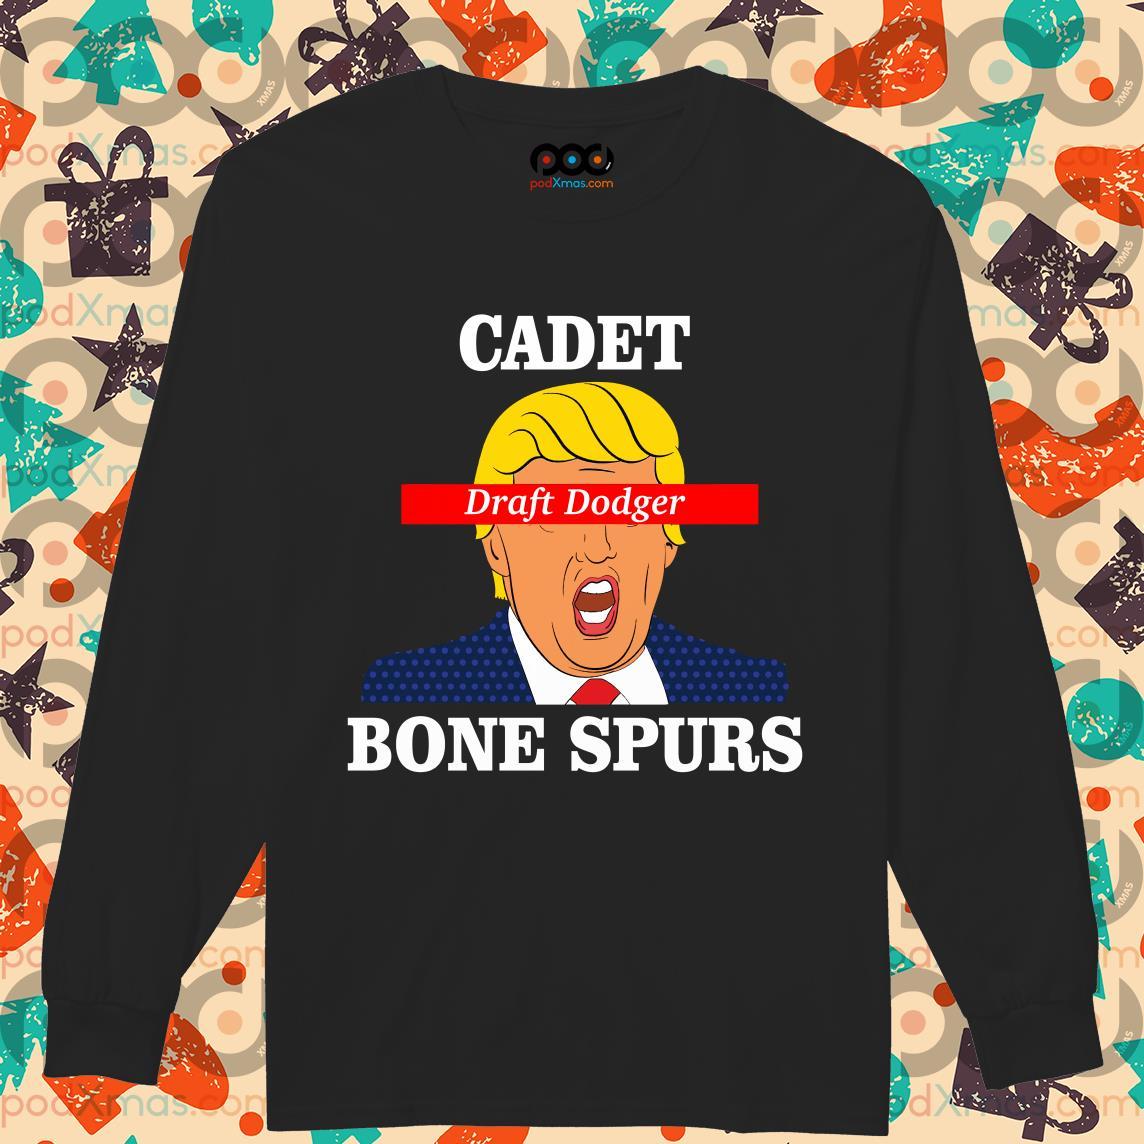 cadet bone spurs t shirt